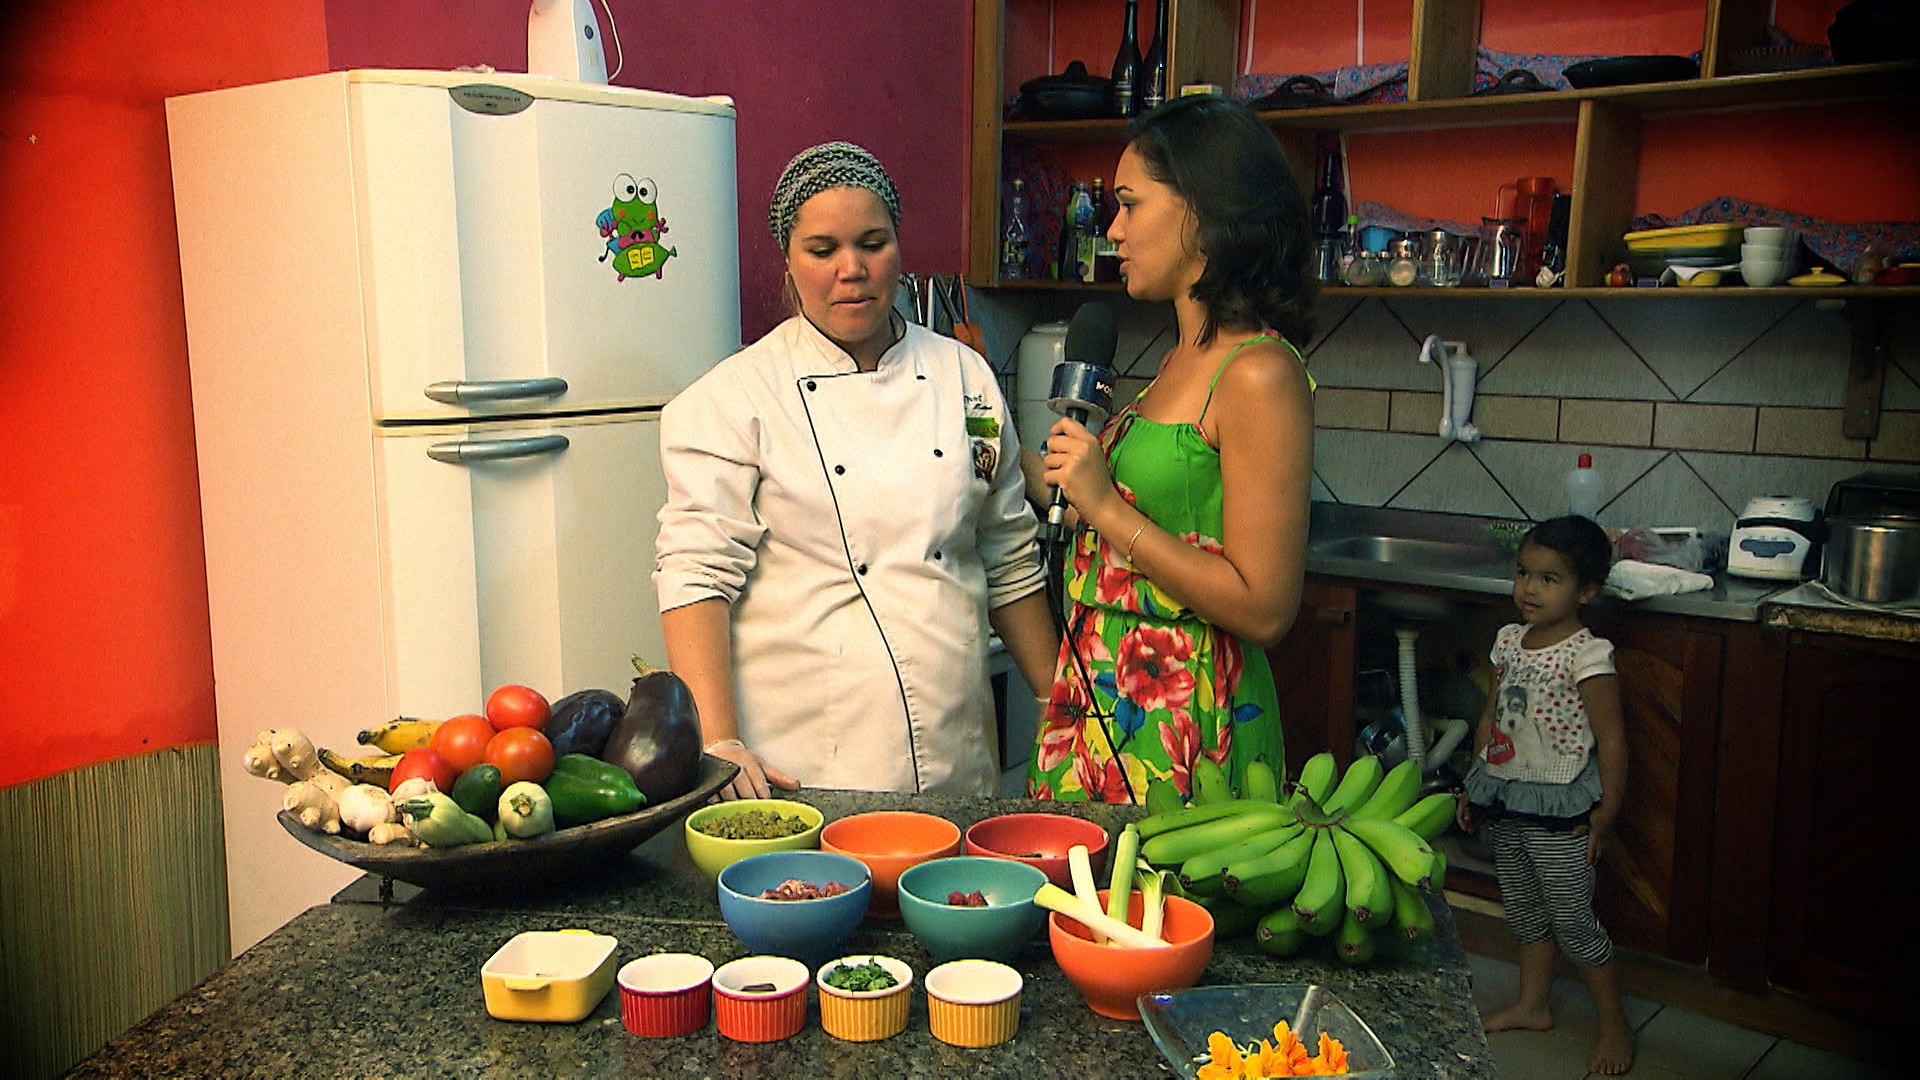 'Pé na Pista' traz receita de godó de banana-verde e cortadinho de palma (Foto: Divulgação)